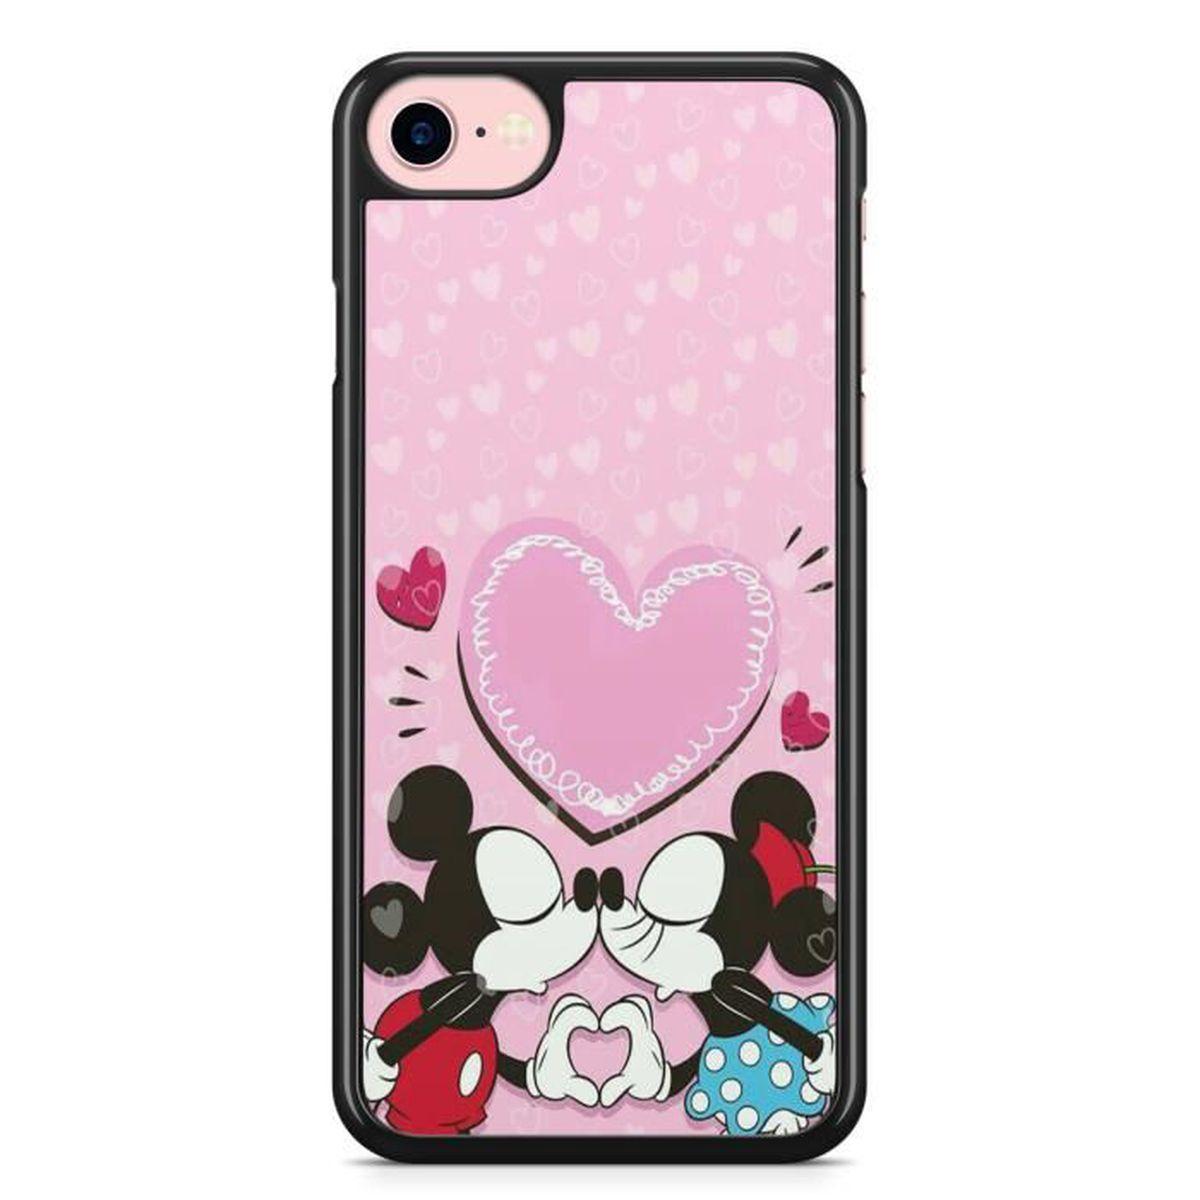 coque iphone 4 4s mickey minnie st valentin etui h